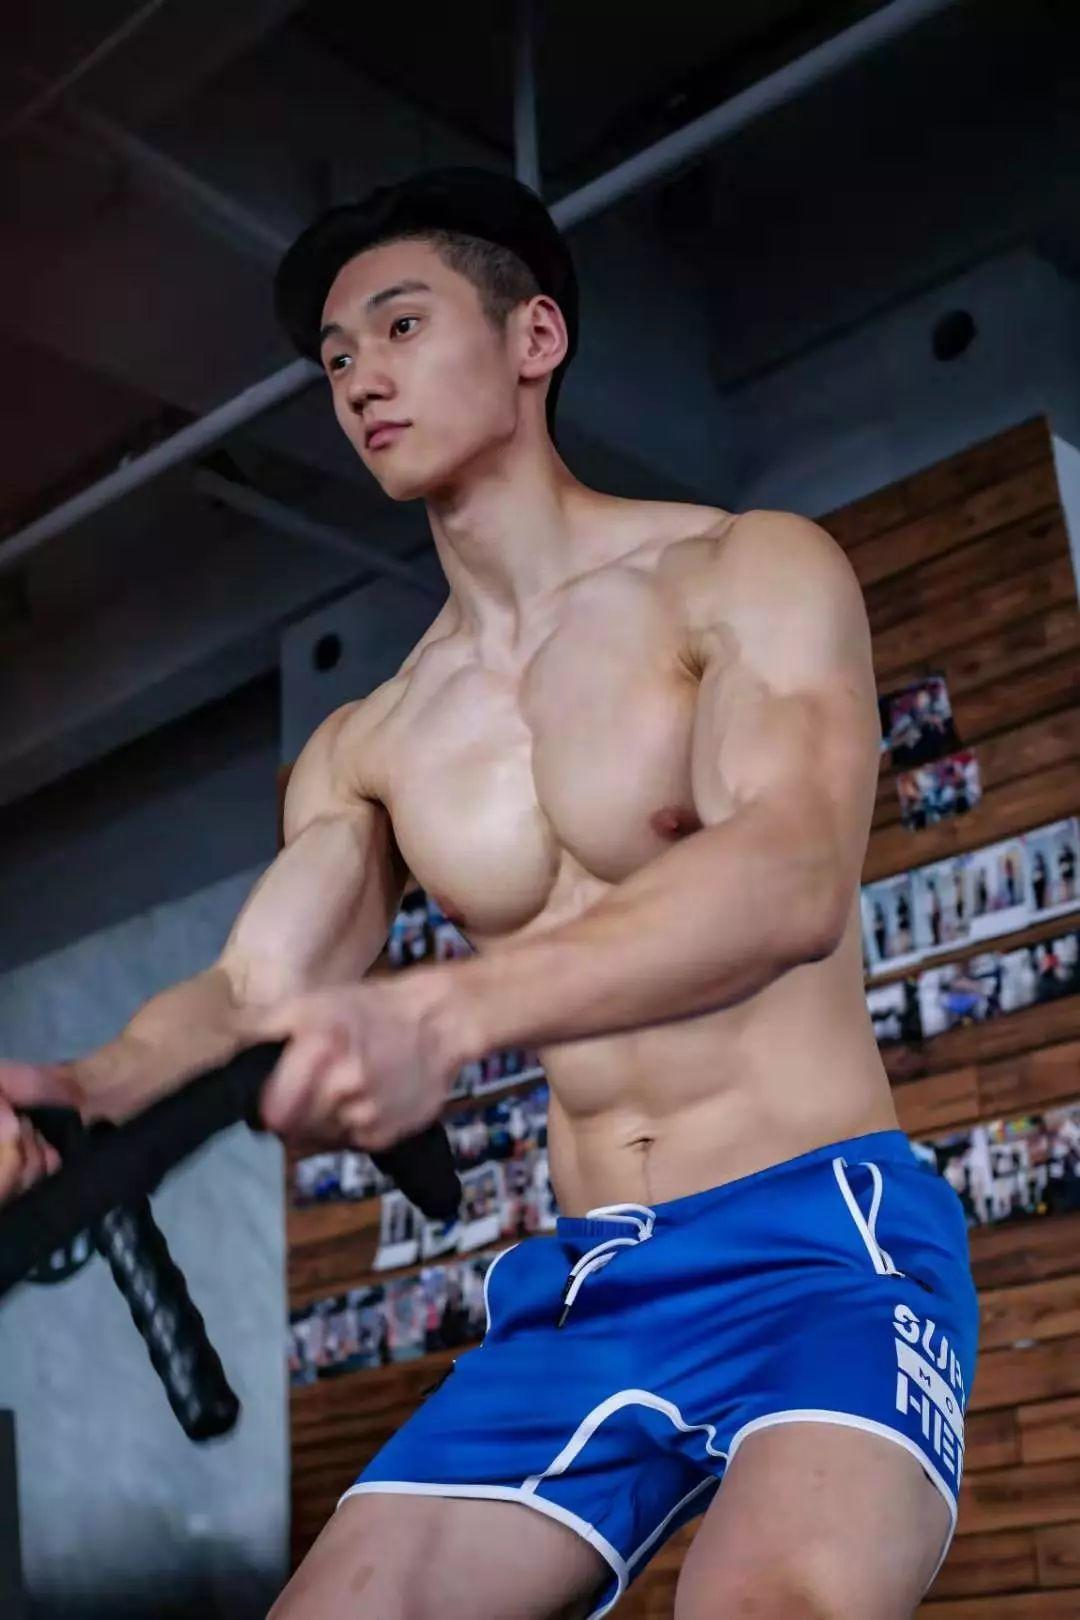 185健身男孩来袭!身材太好连自己都喜欢~【微博:大耳朵图图的壮壮哥 】